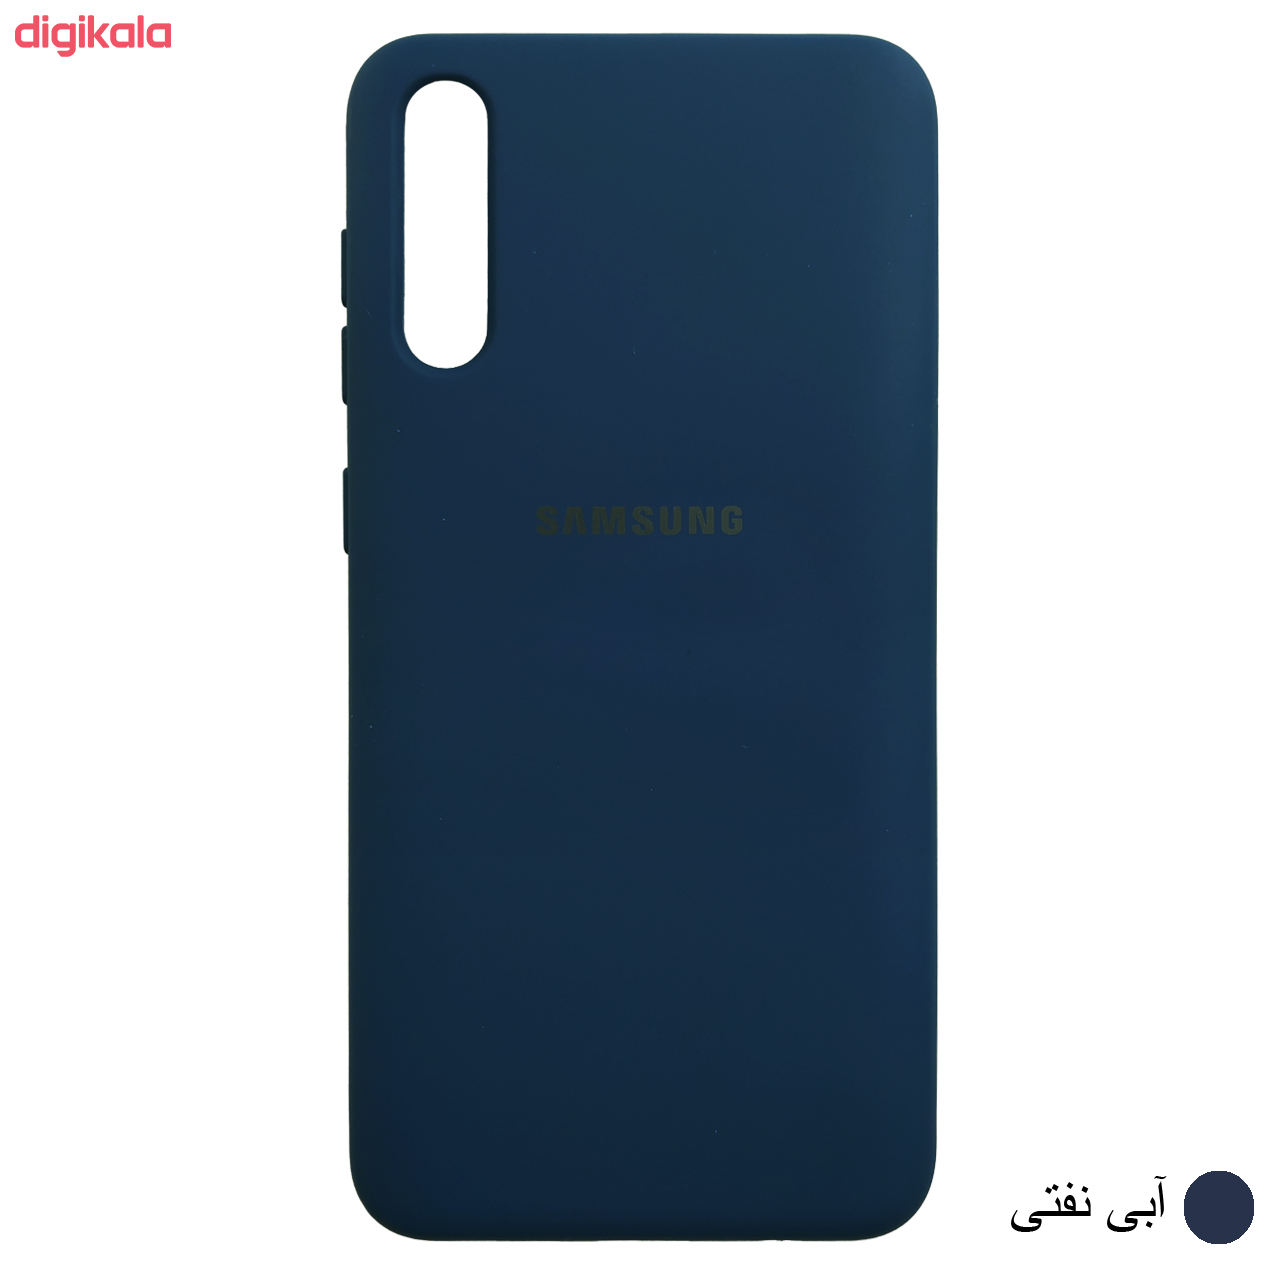 کاور مدل SCN مناسب برای گوشی موبایل سامسونگ Galaxy A50 / A50s / A30s main 1 15